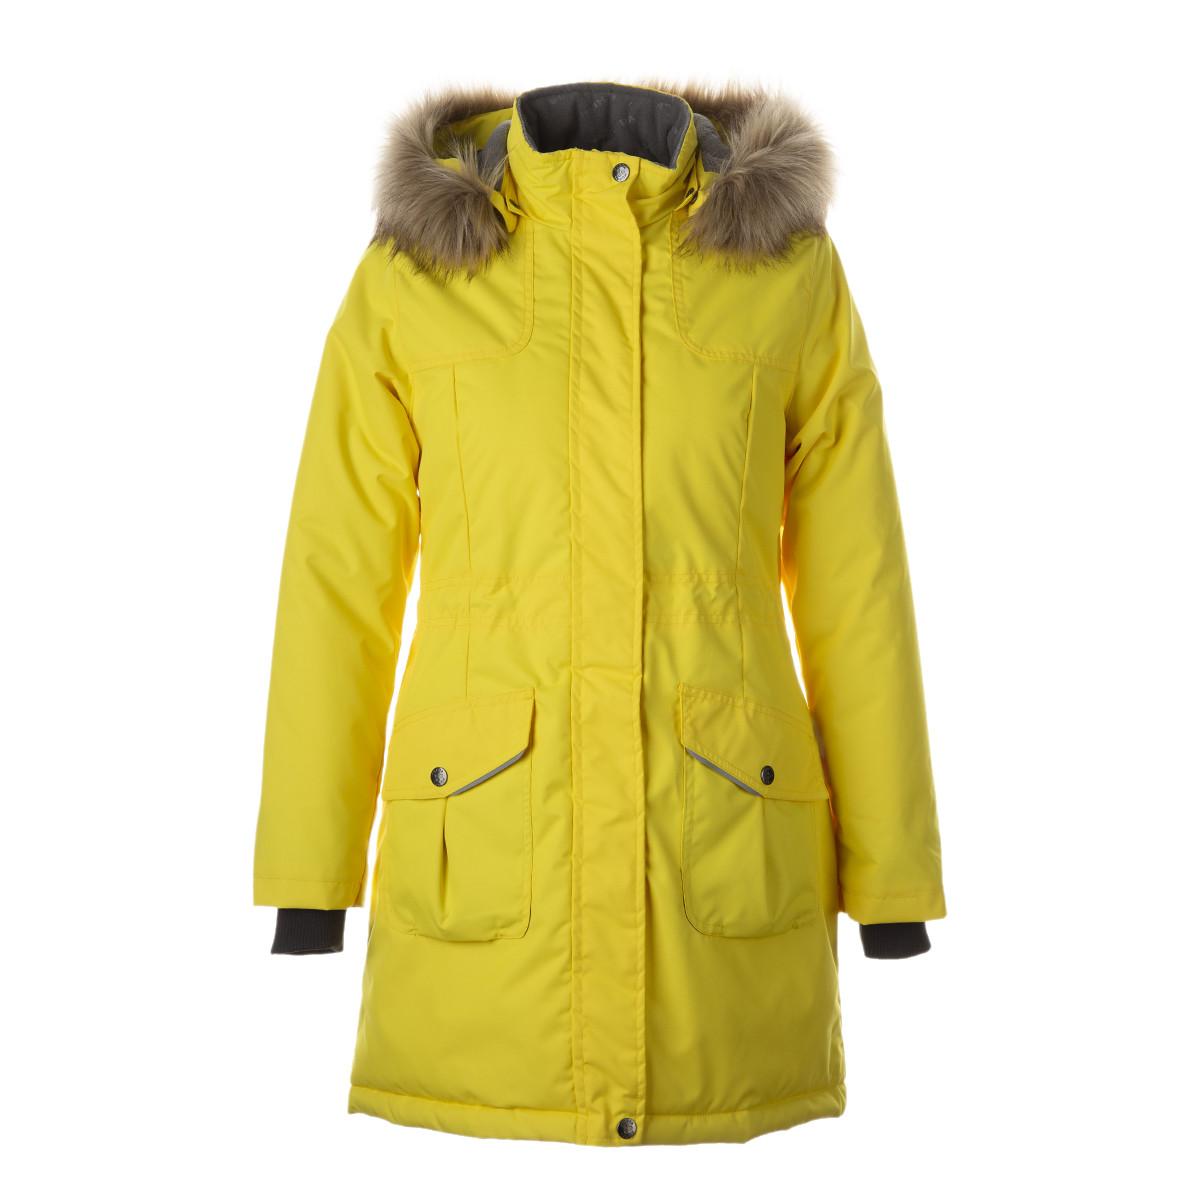 Куртка для девочек Huppa MONA 2, желтый